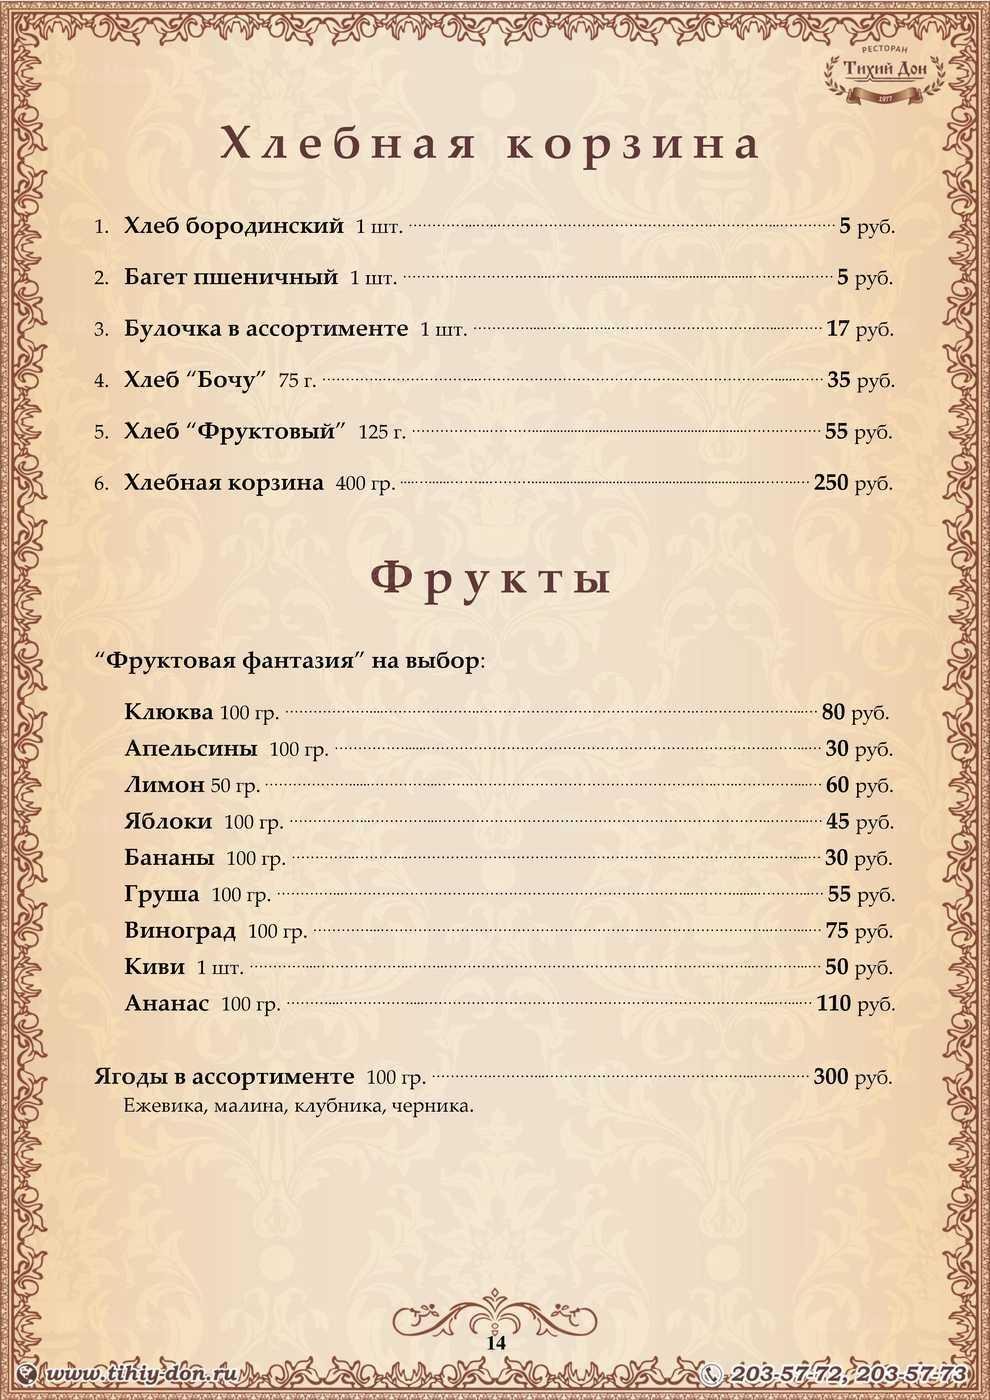 Меню ресторана Тихий Дон в Береговой фото 34